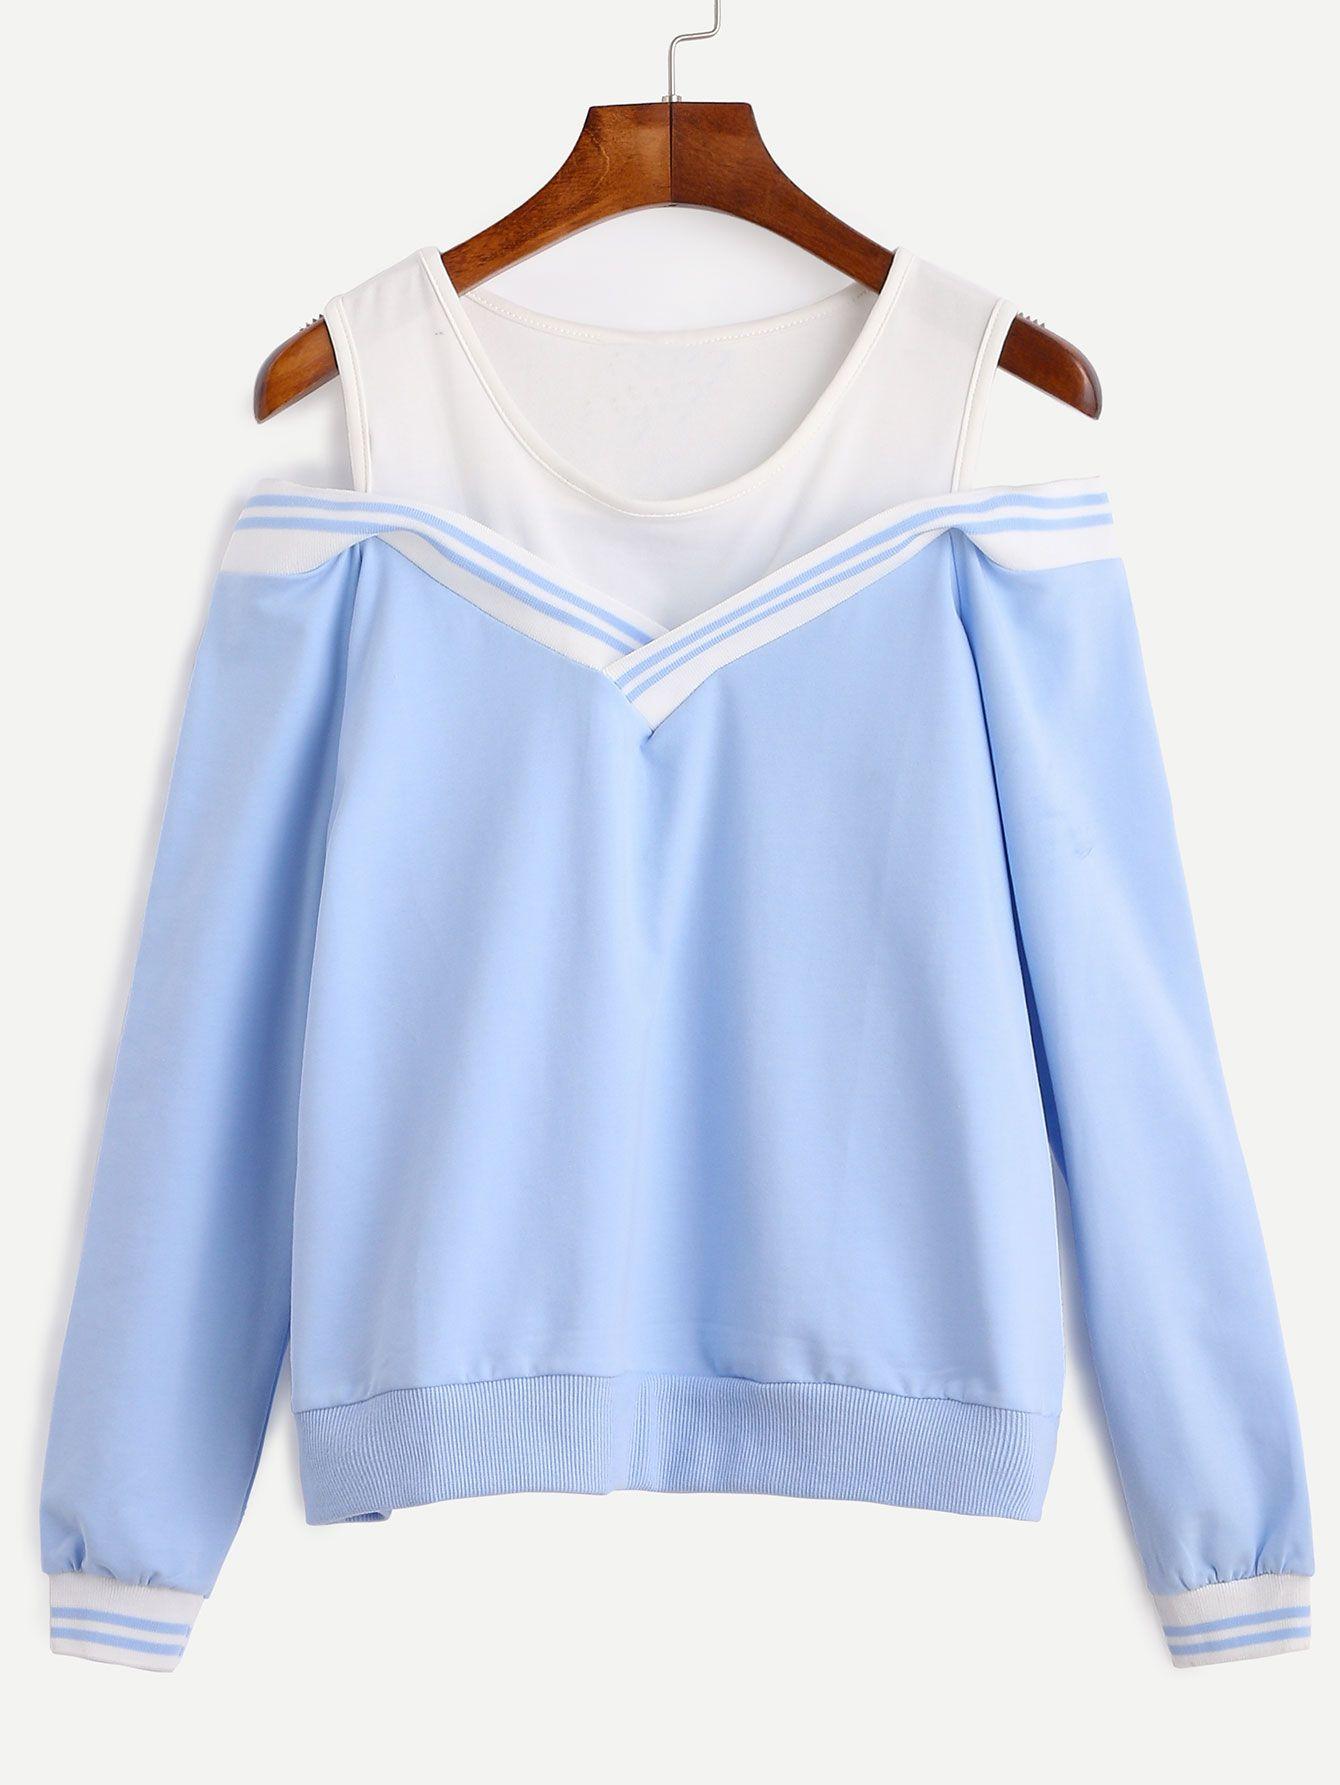 Open Shoulder Top, Cold Shoulder Tops, Blue Tops, Contrast, Romwe,